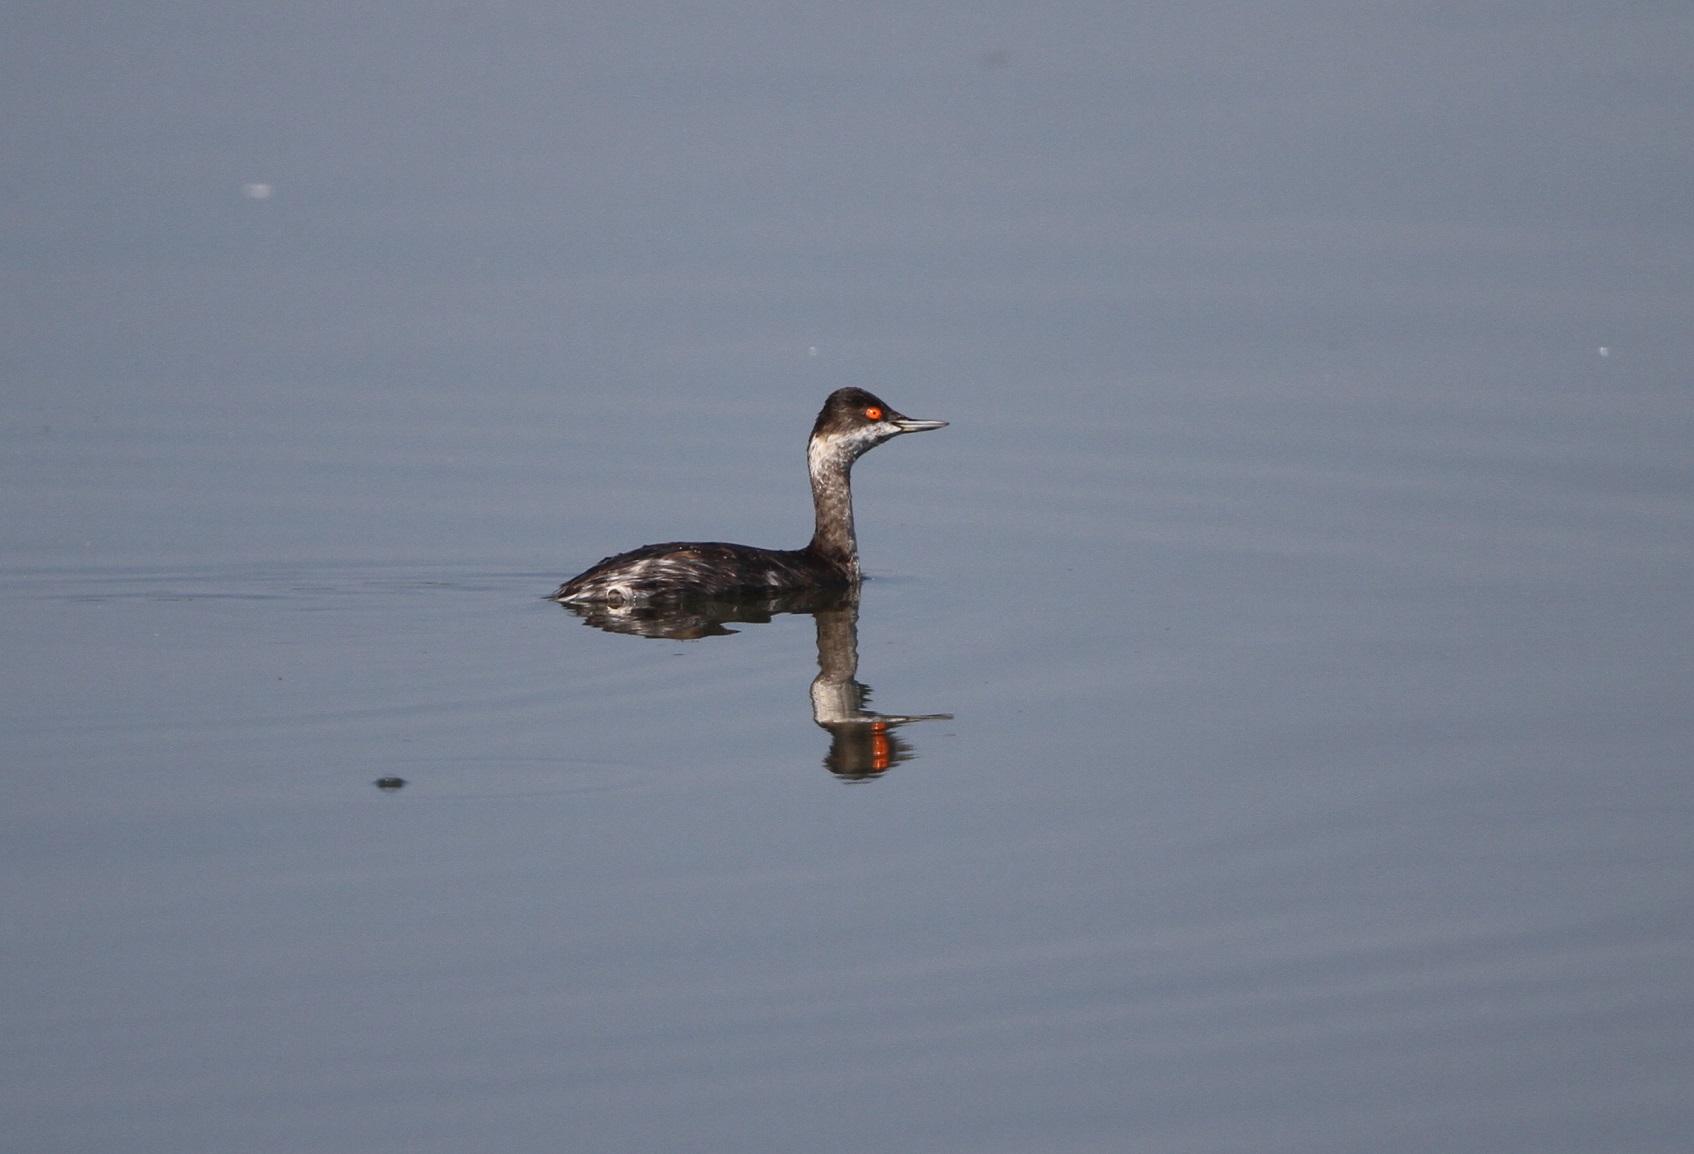 ハジロカイツブリをMFの沼で_f0239515_219646.jpg